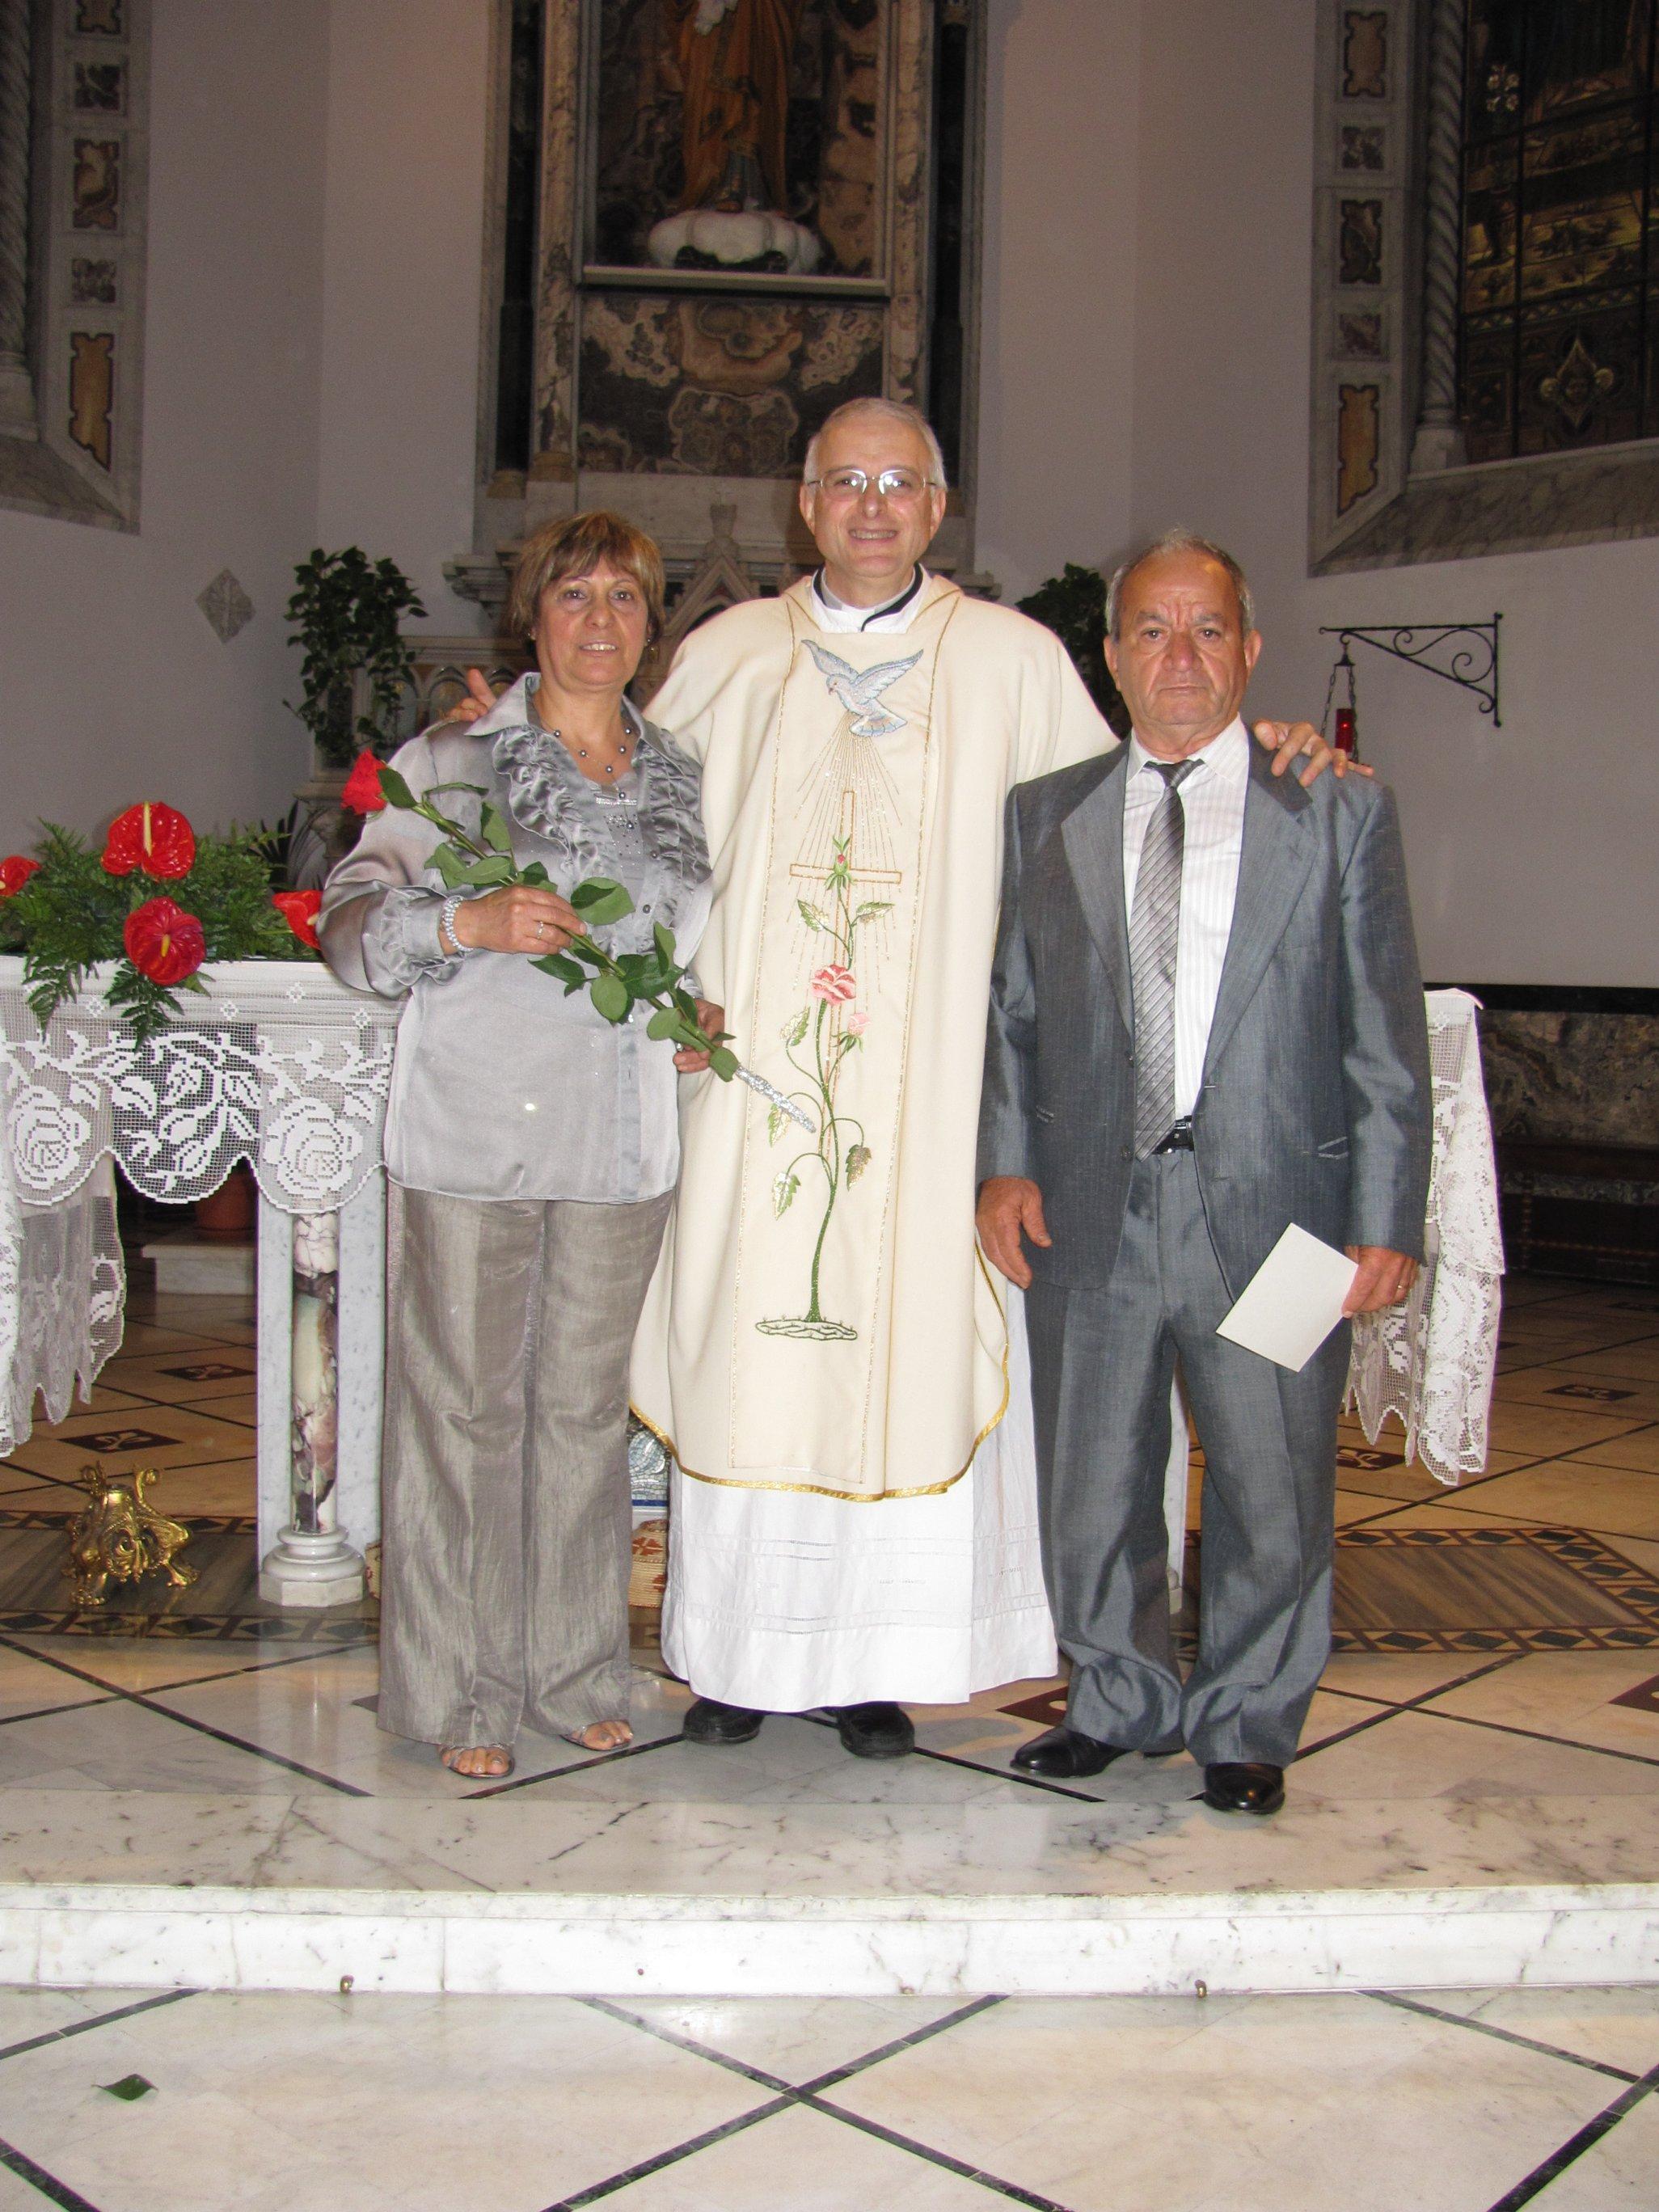 anniversari_di_matrimonio_e_di_ordinazione_2012-06-03-11-26-20